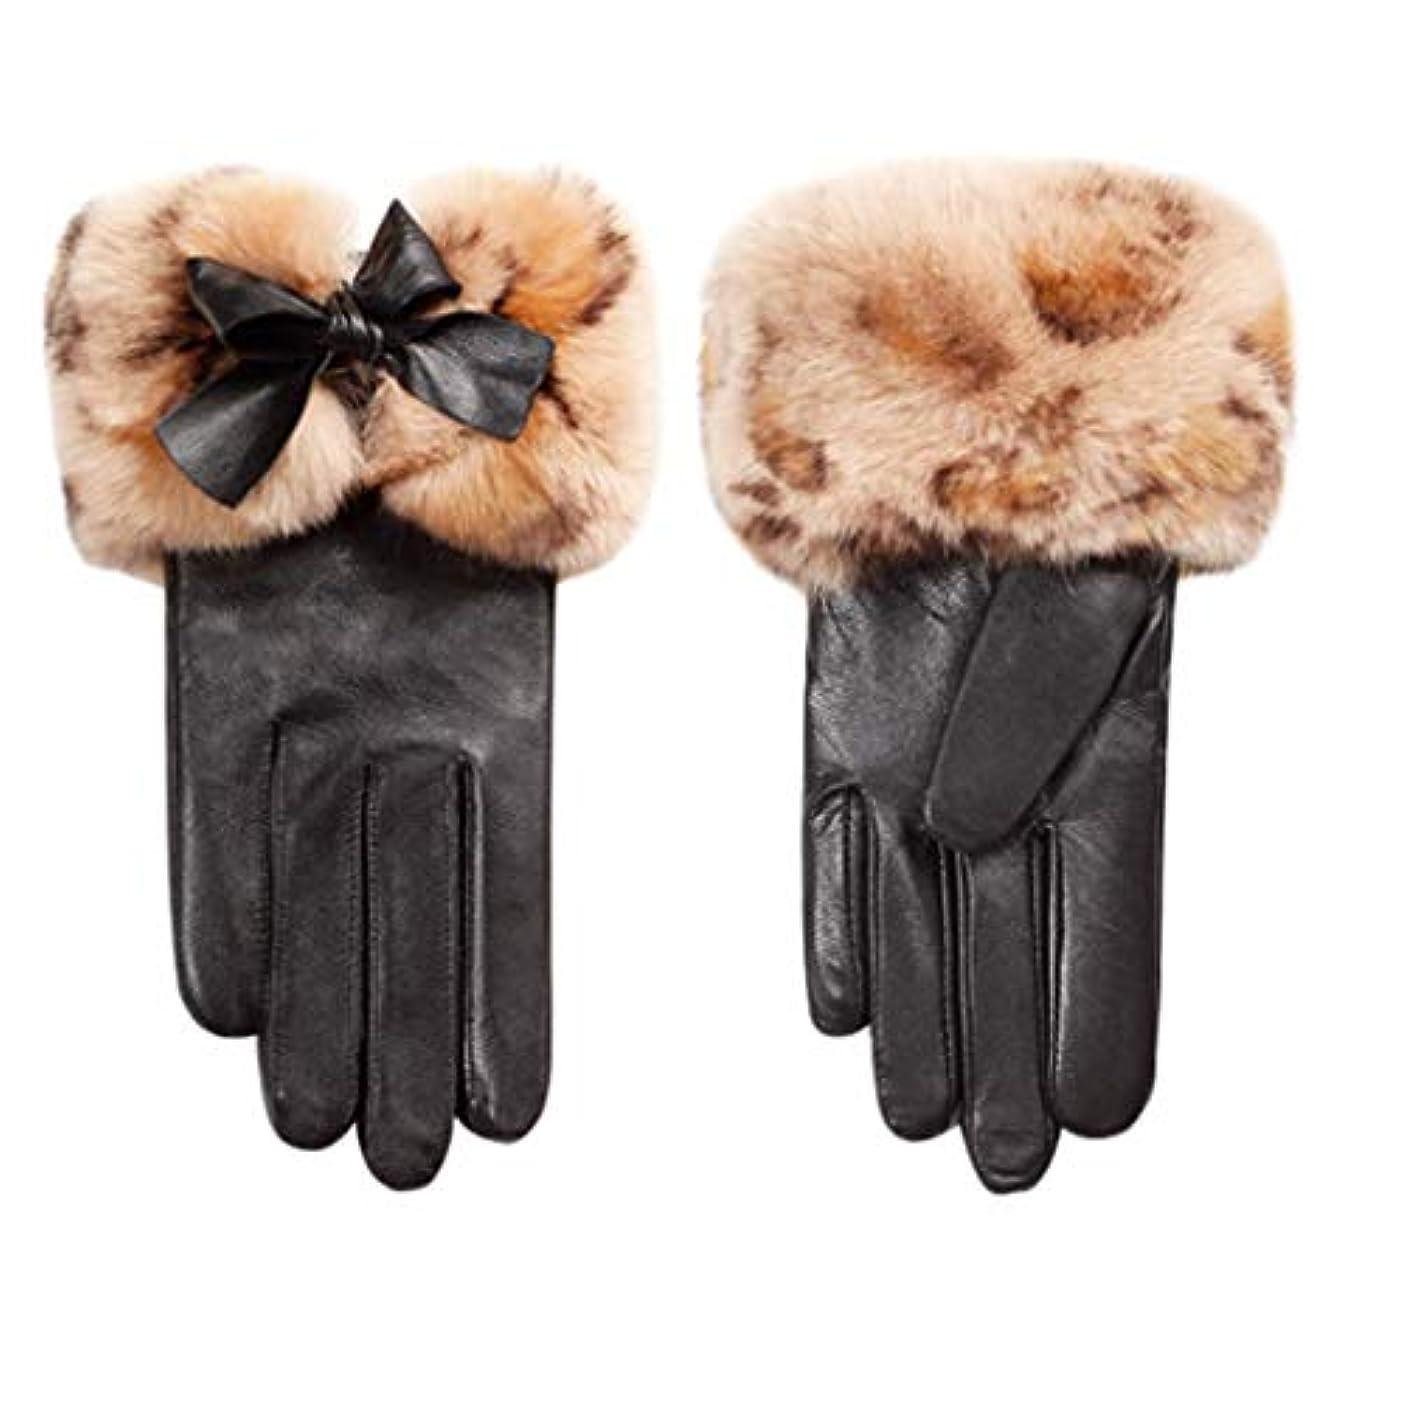 スペイン聖職者イライラする手袋女性の冬プラスベルベット厚い暖かい韓国のかわいい乗り物運転屋外防風レディース革手袋N2E8X81452黒M